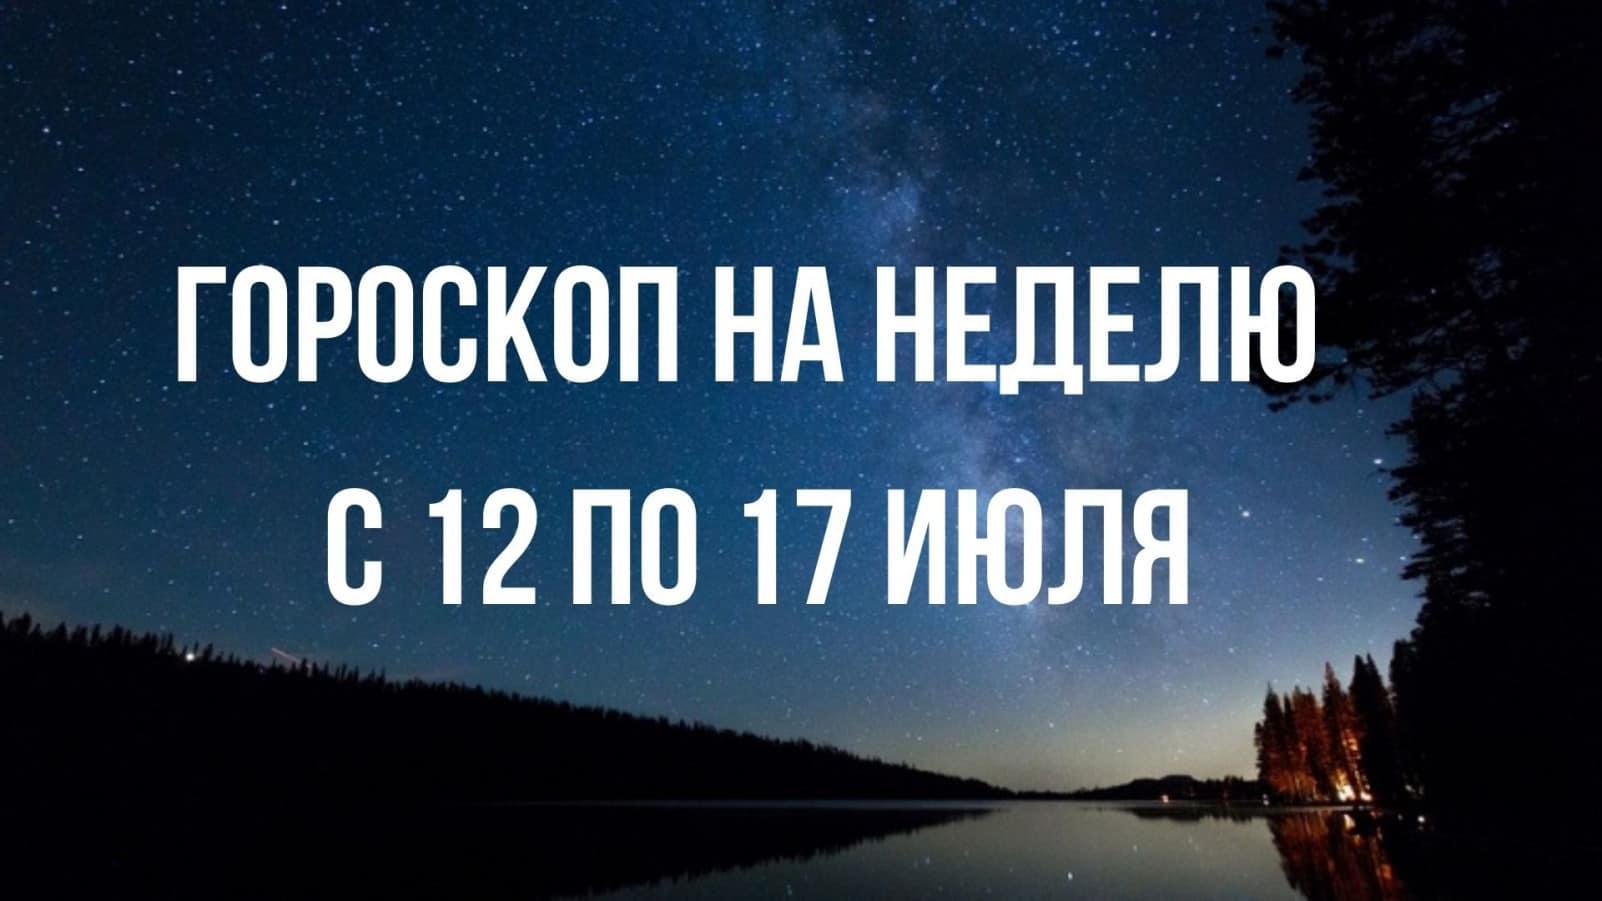 Гороскоп на неделю с 12 по 18 июля для всех знаков зодиака